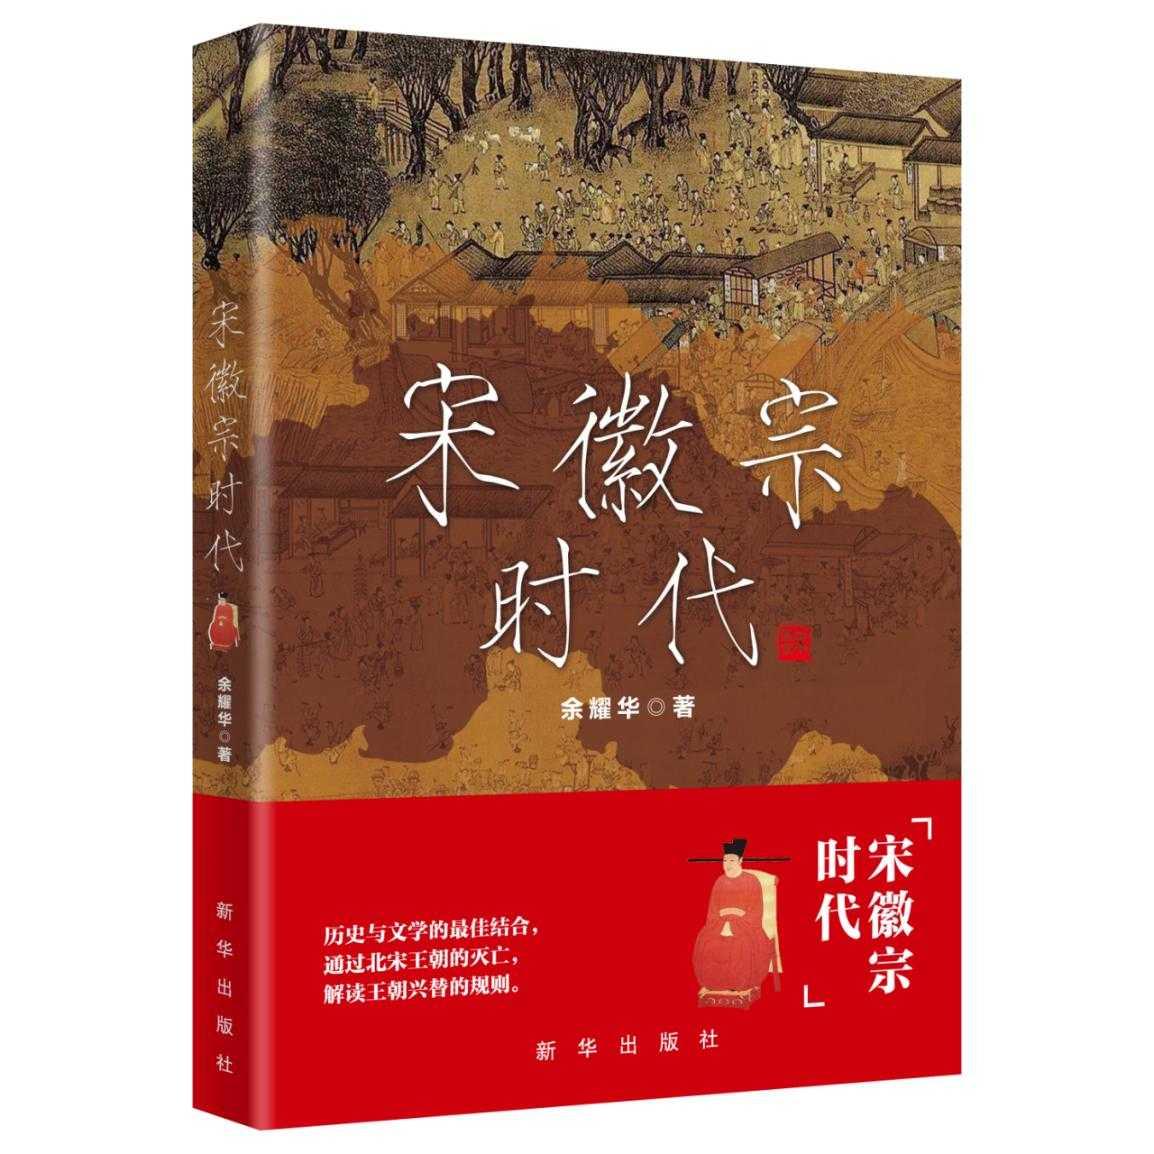 《宋徽宗时代》 蔡京集团的敛财术